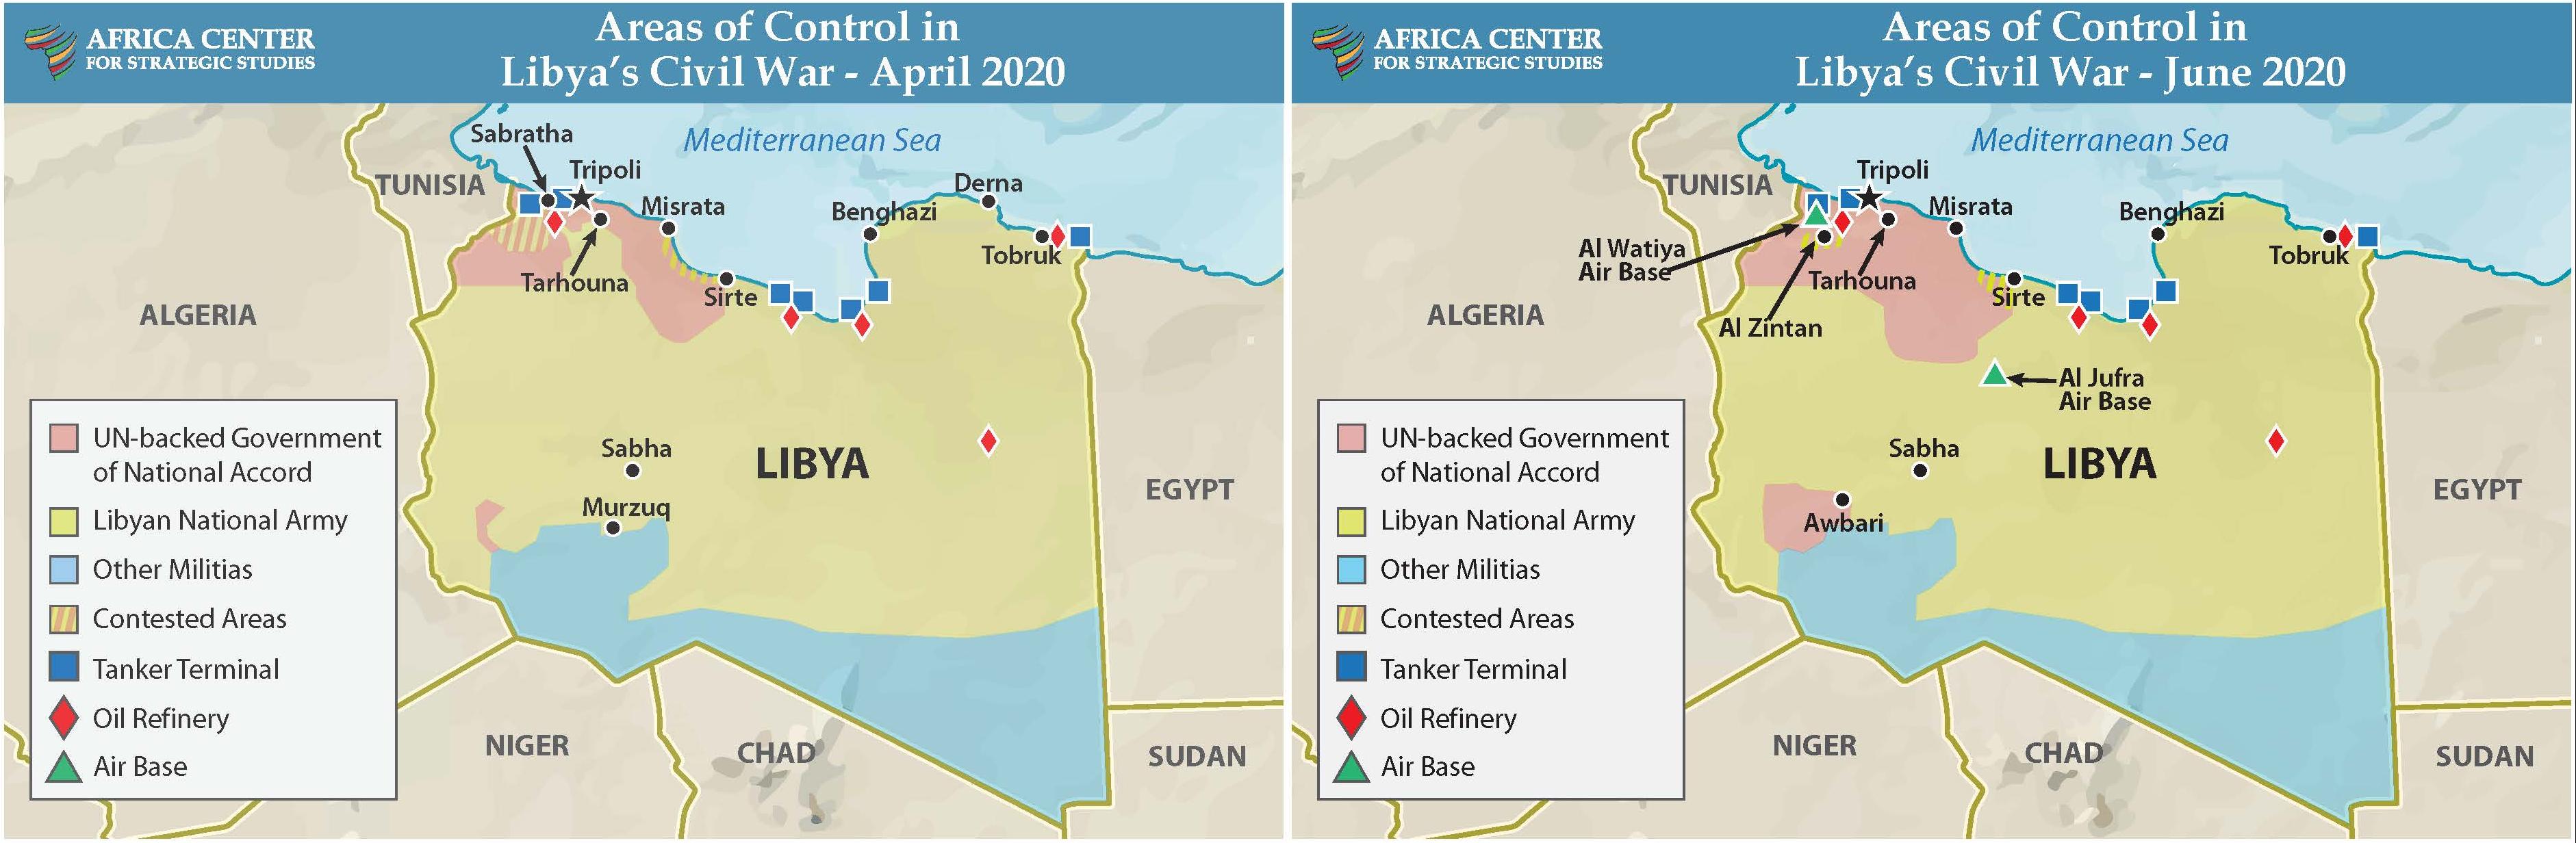 Areas of Control in Libya's Civil War, April and June 2020